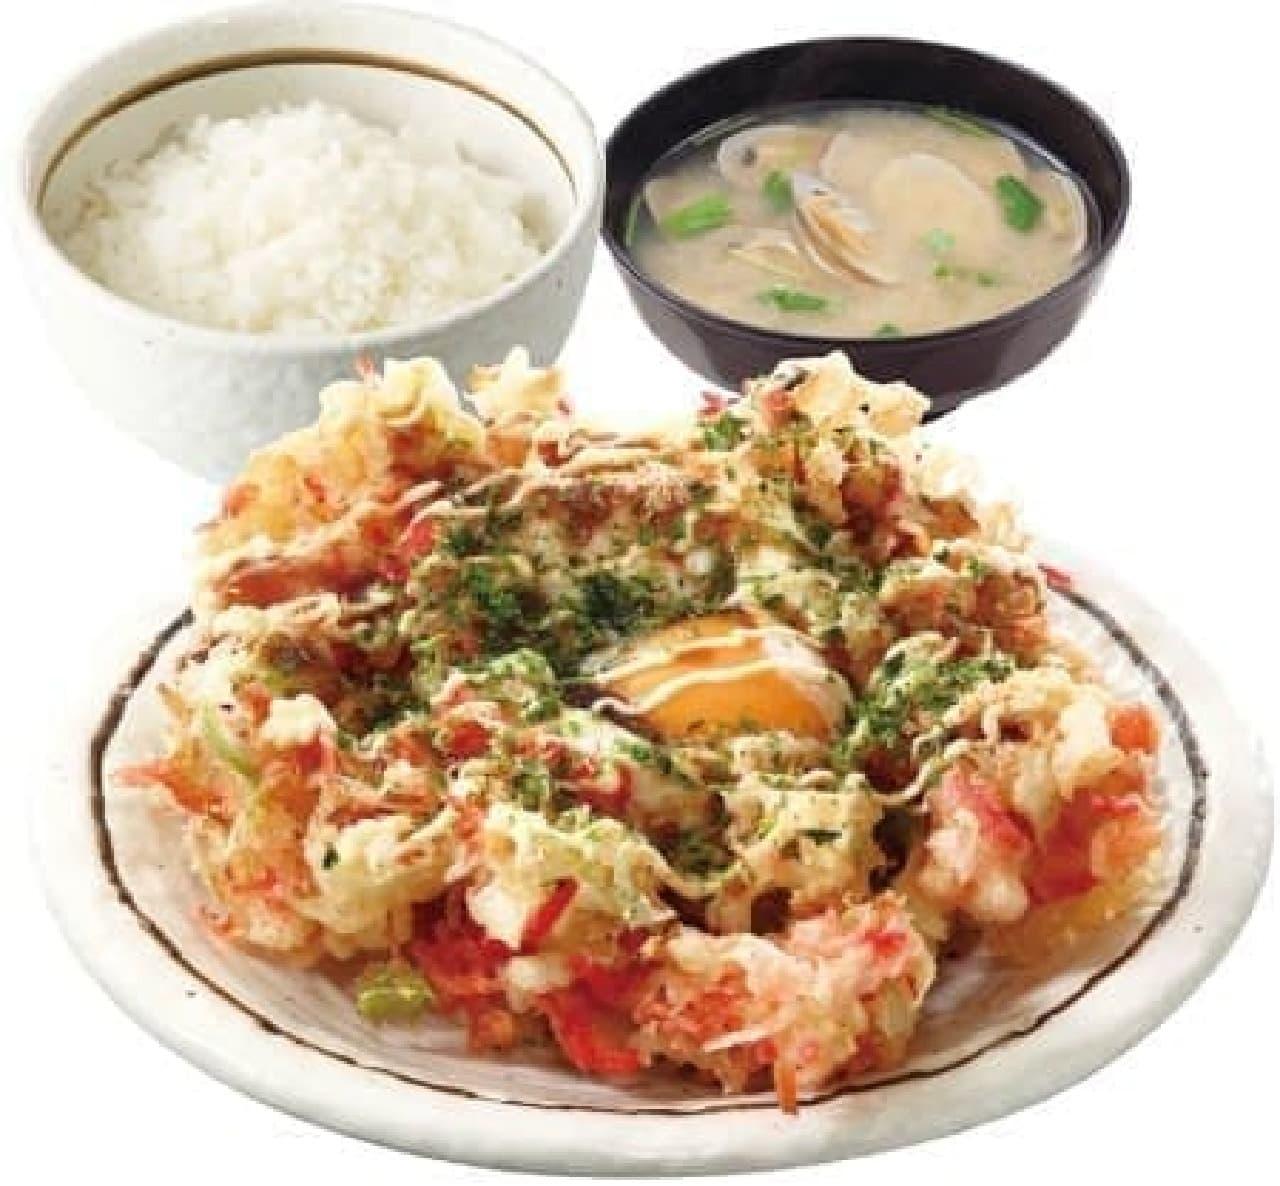 お好み焼きの天ぷらをおかずに、白飯を食べる